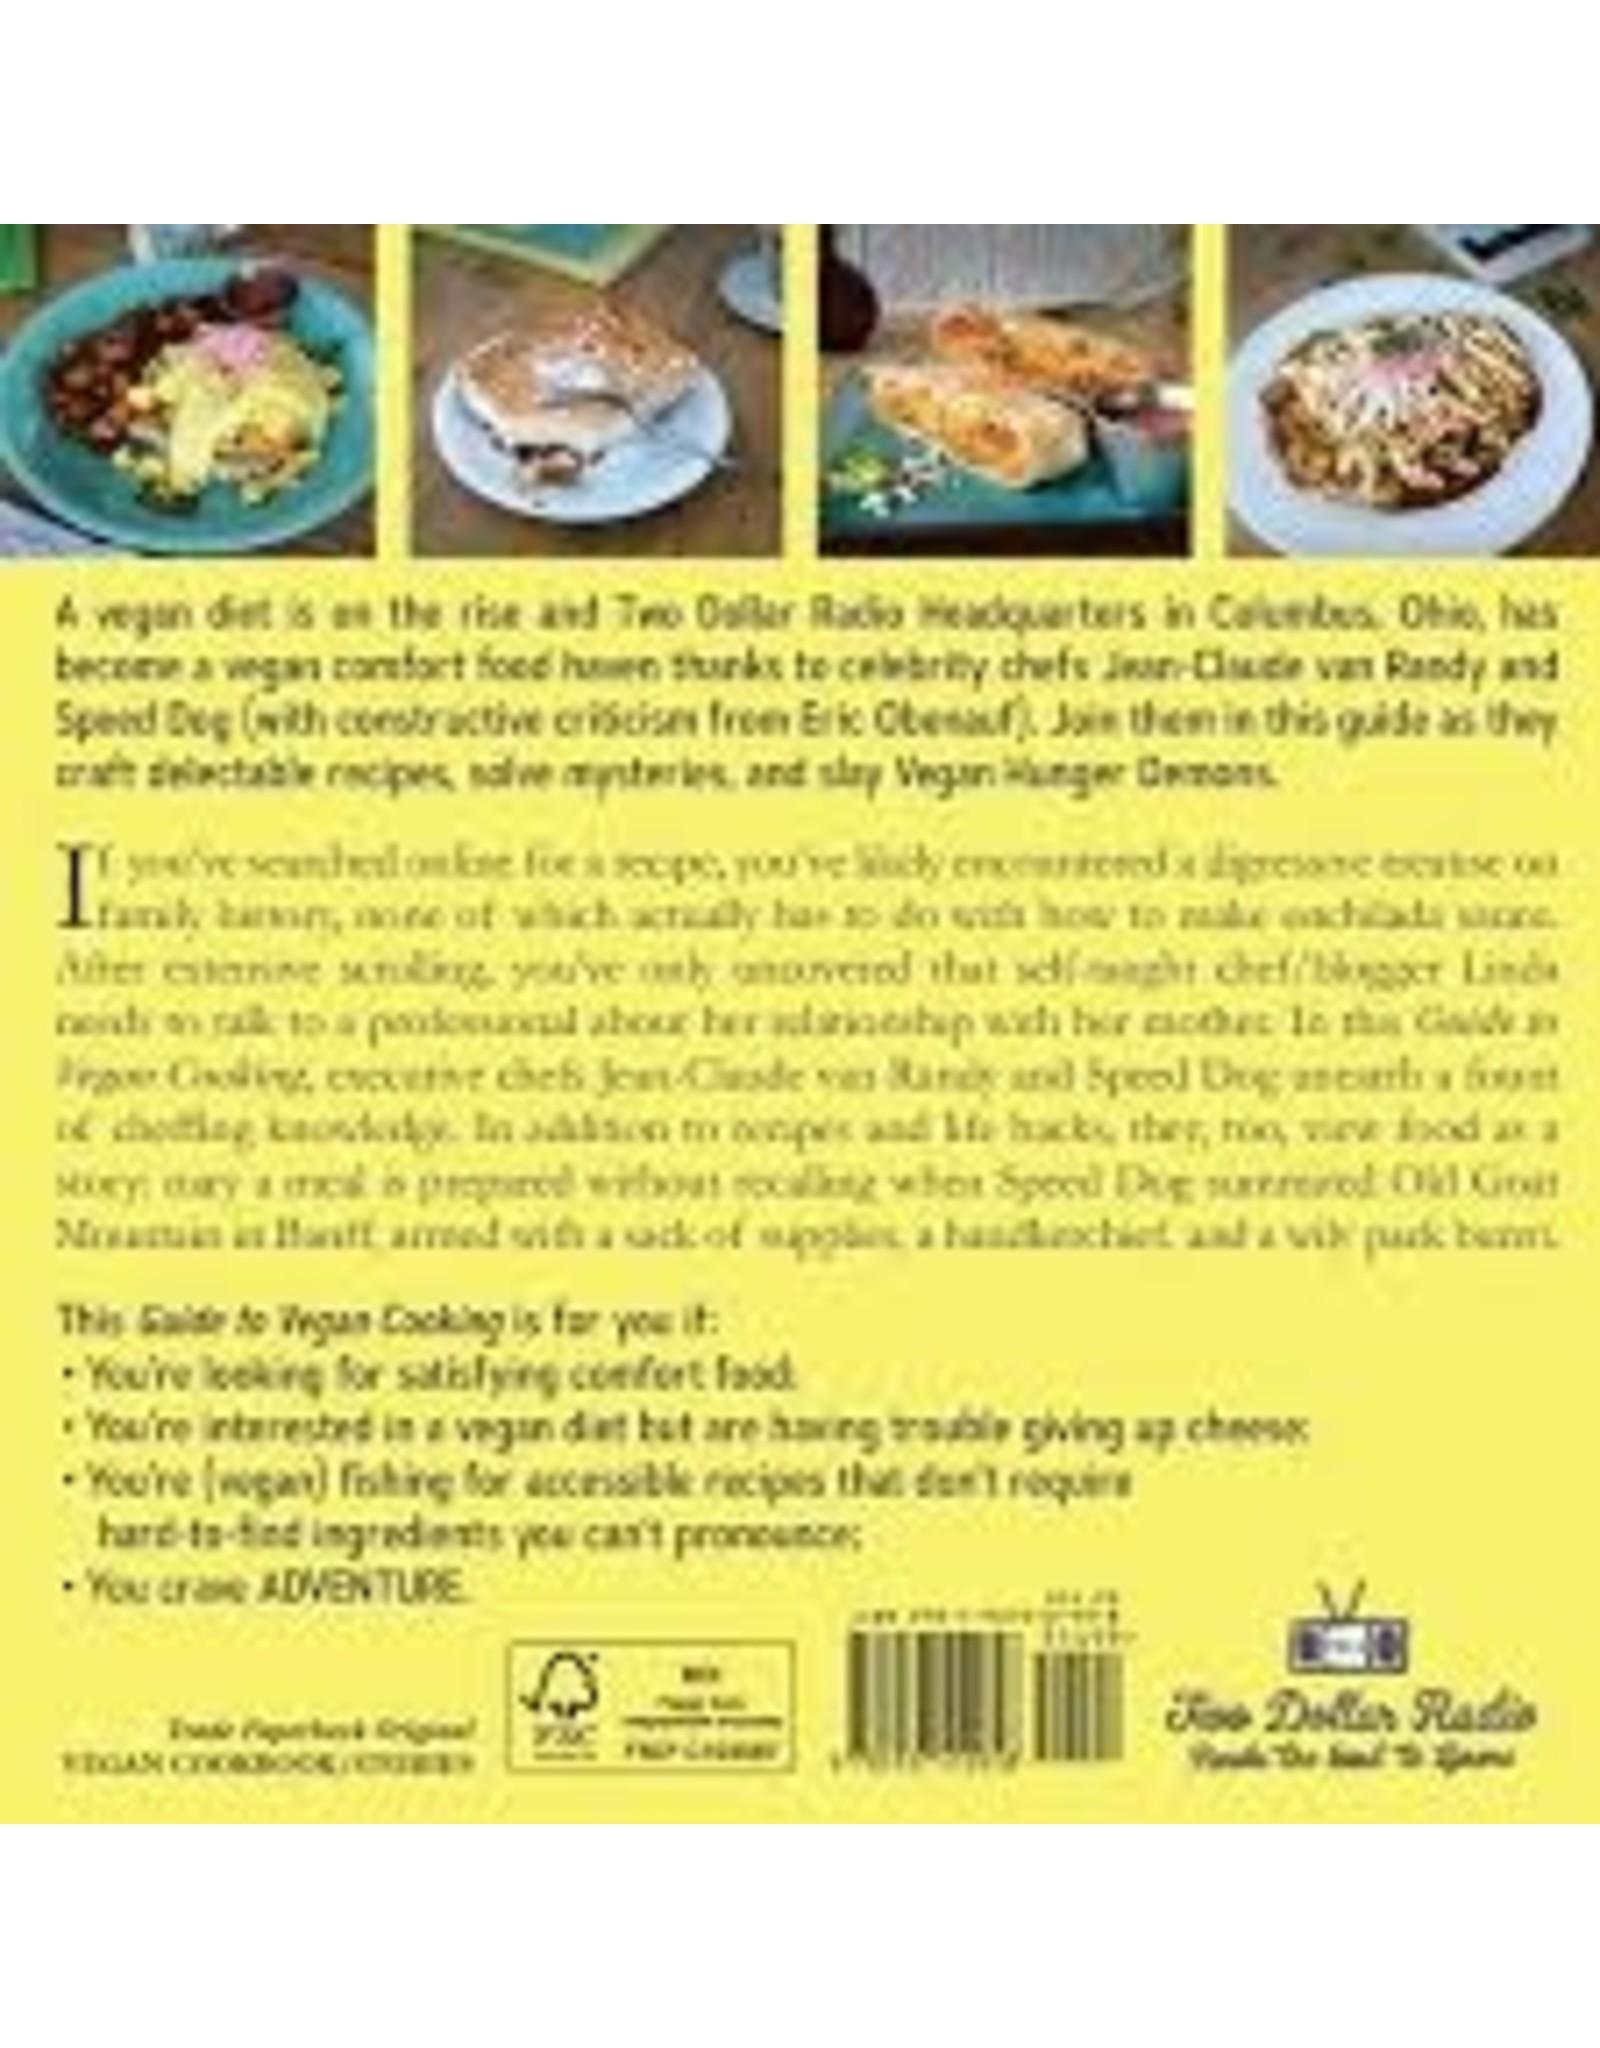 Books 2 Dollar Radio Guide to Vegan Cooking